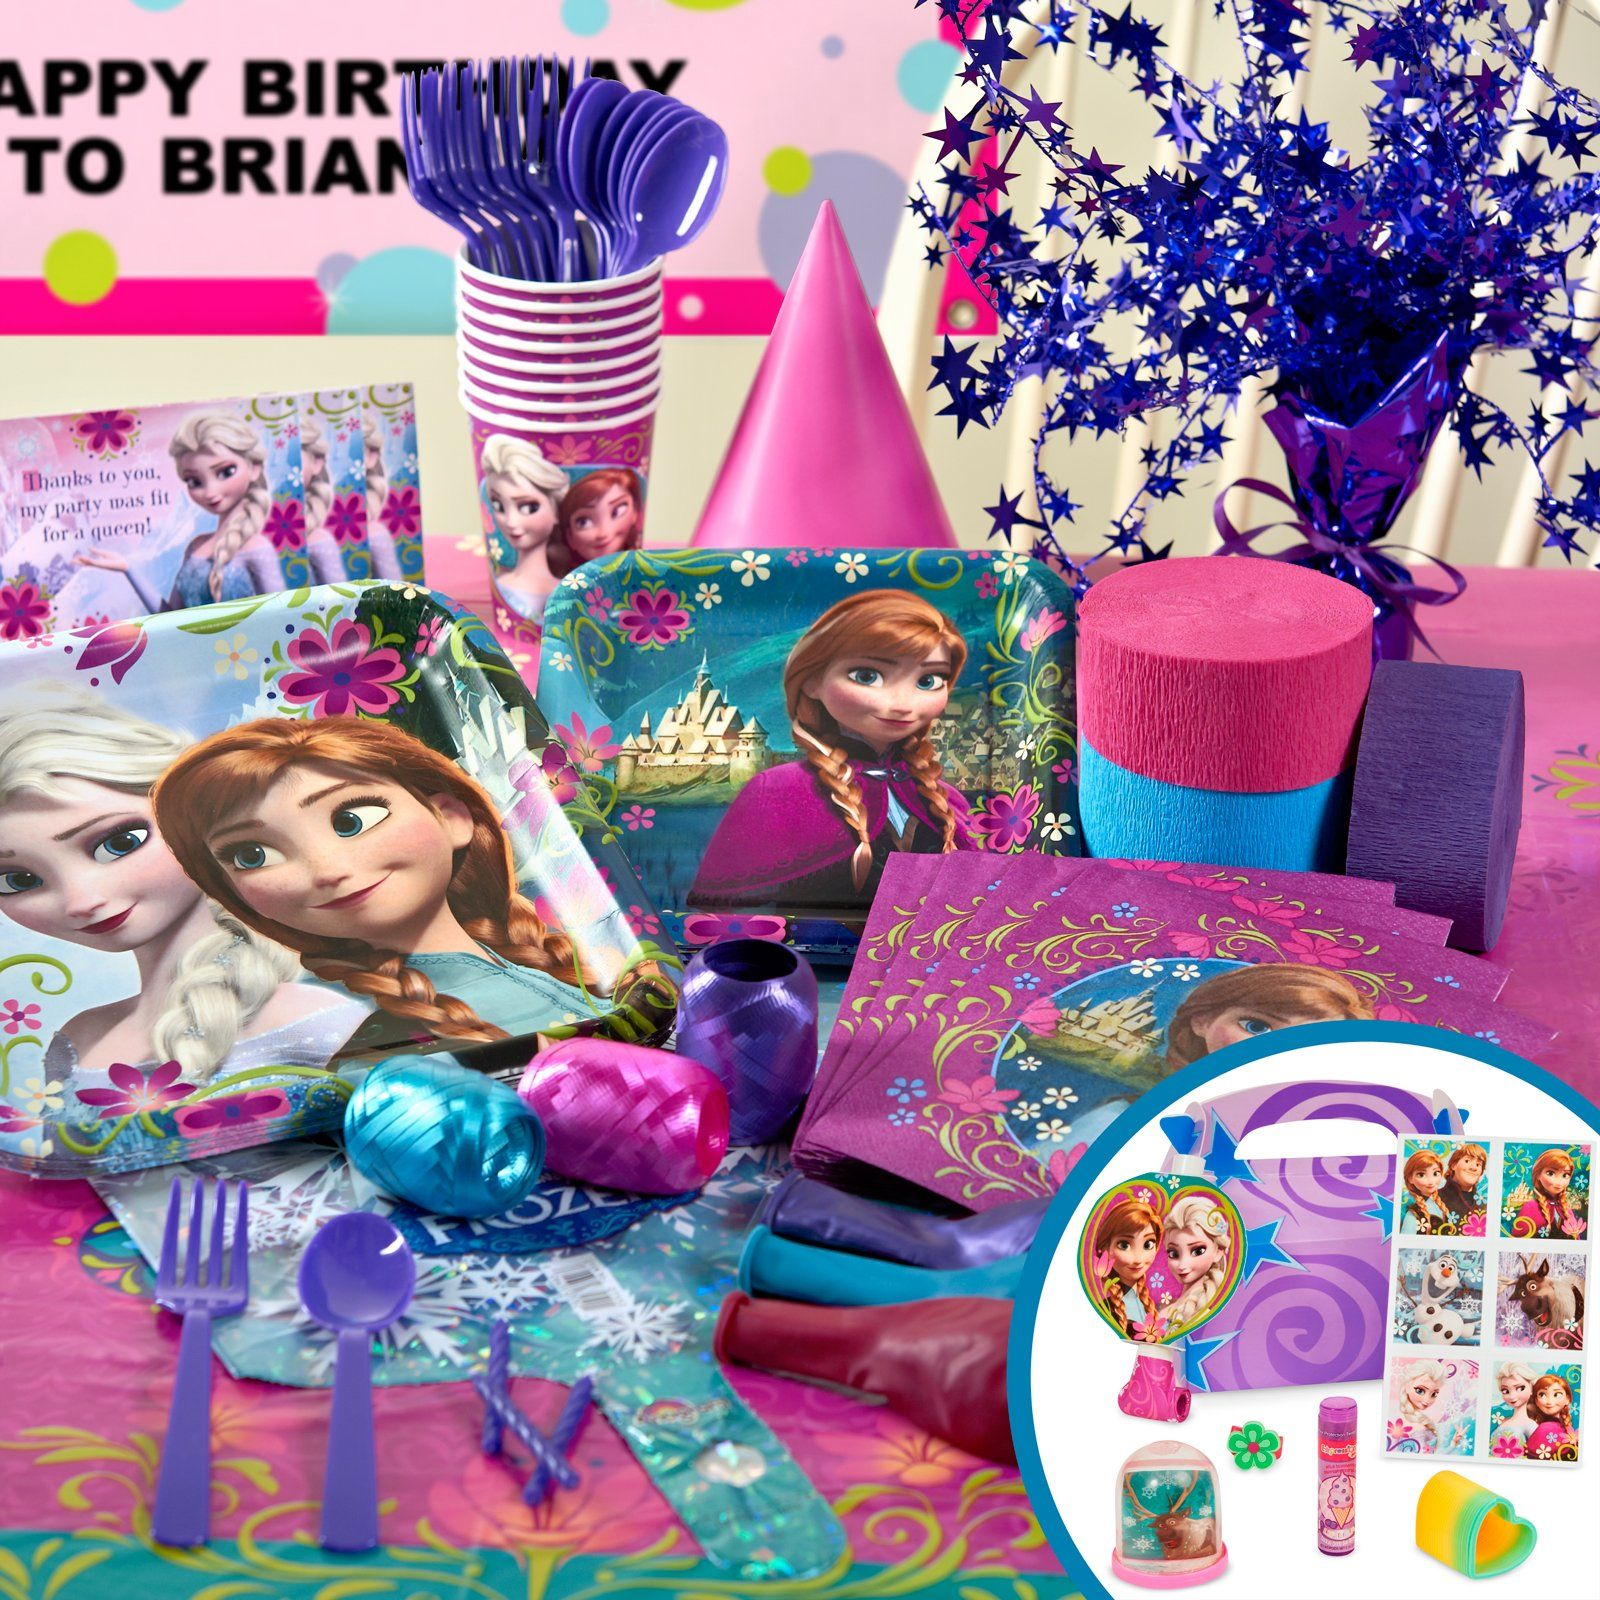 Frozen birthday party supplies Disneys Frozen birthday party